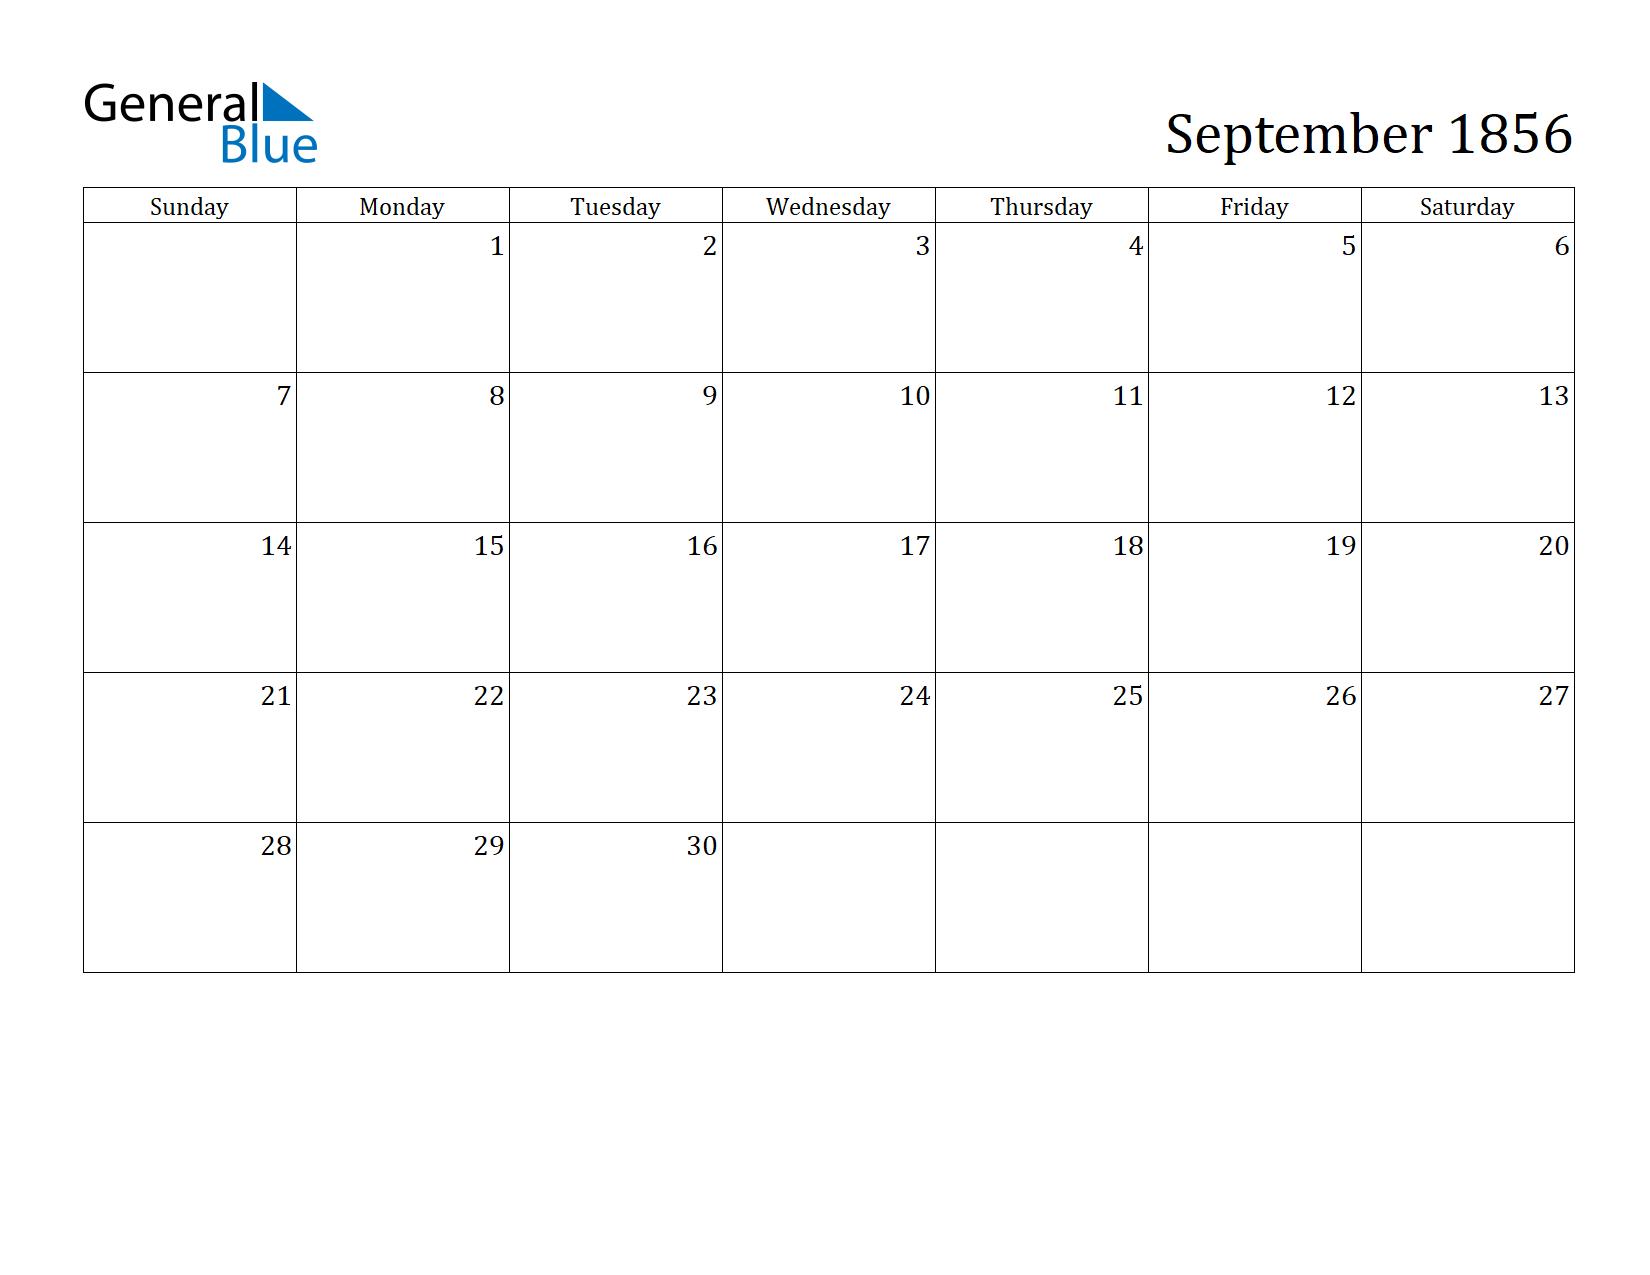 Image of September 1856 Calendar